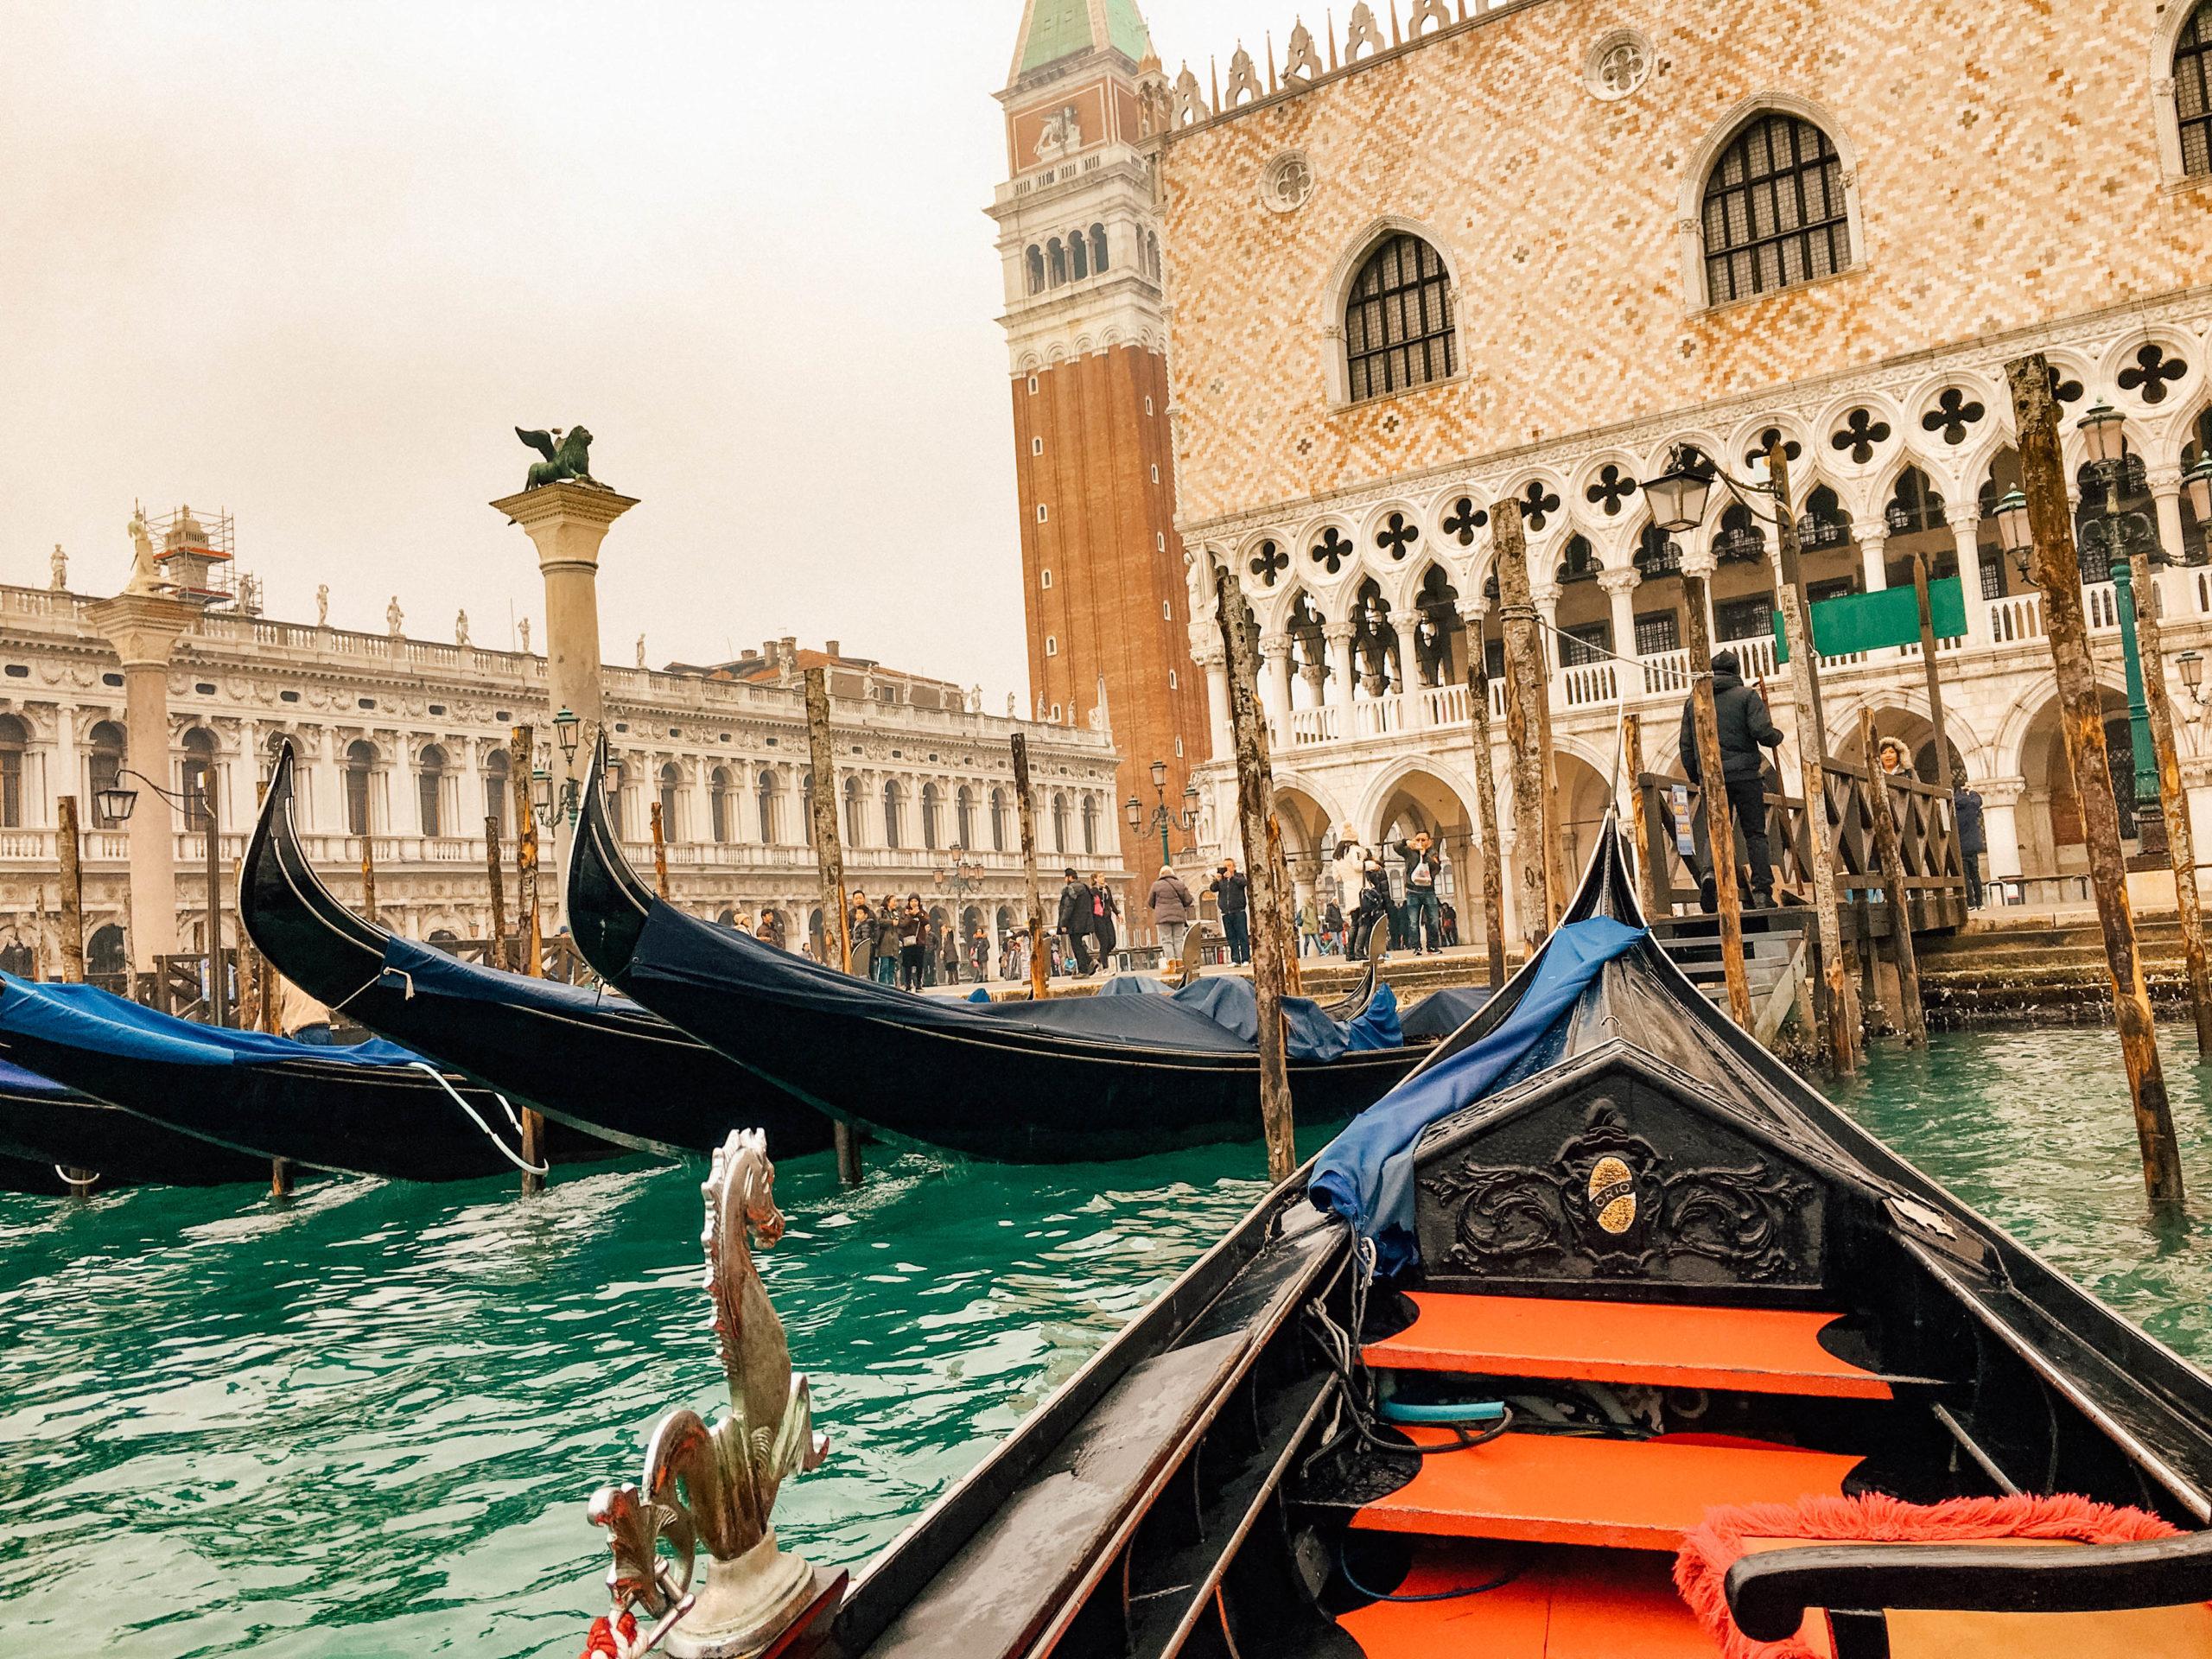 Départ pour une balade sur la lagune vénitienne